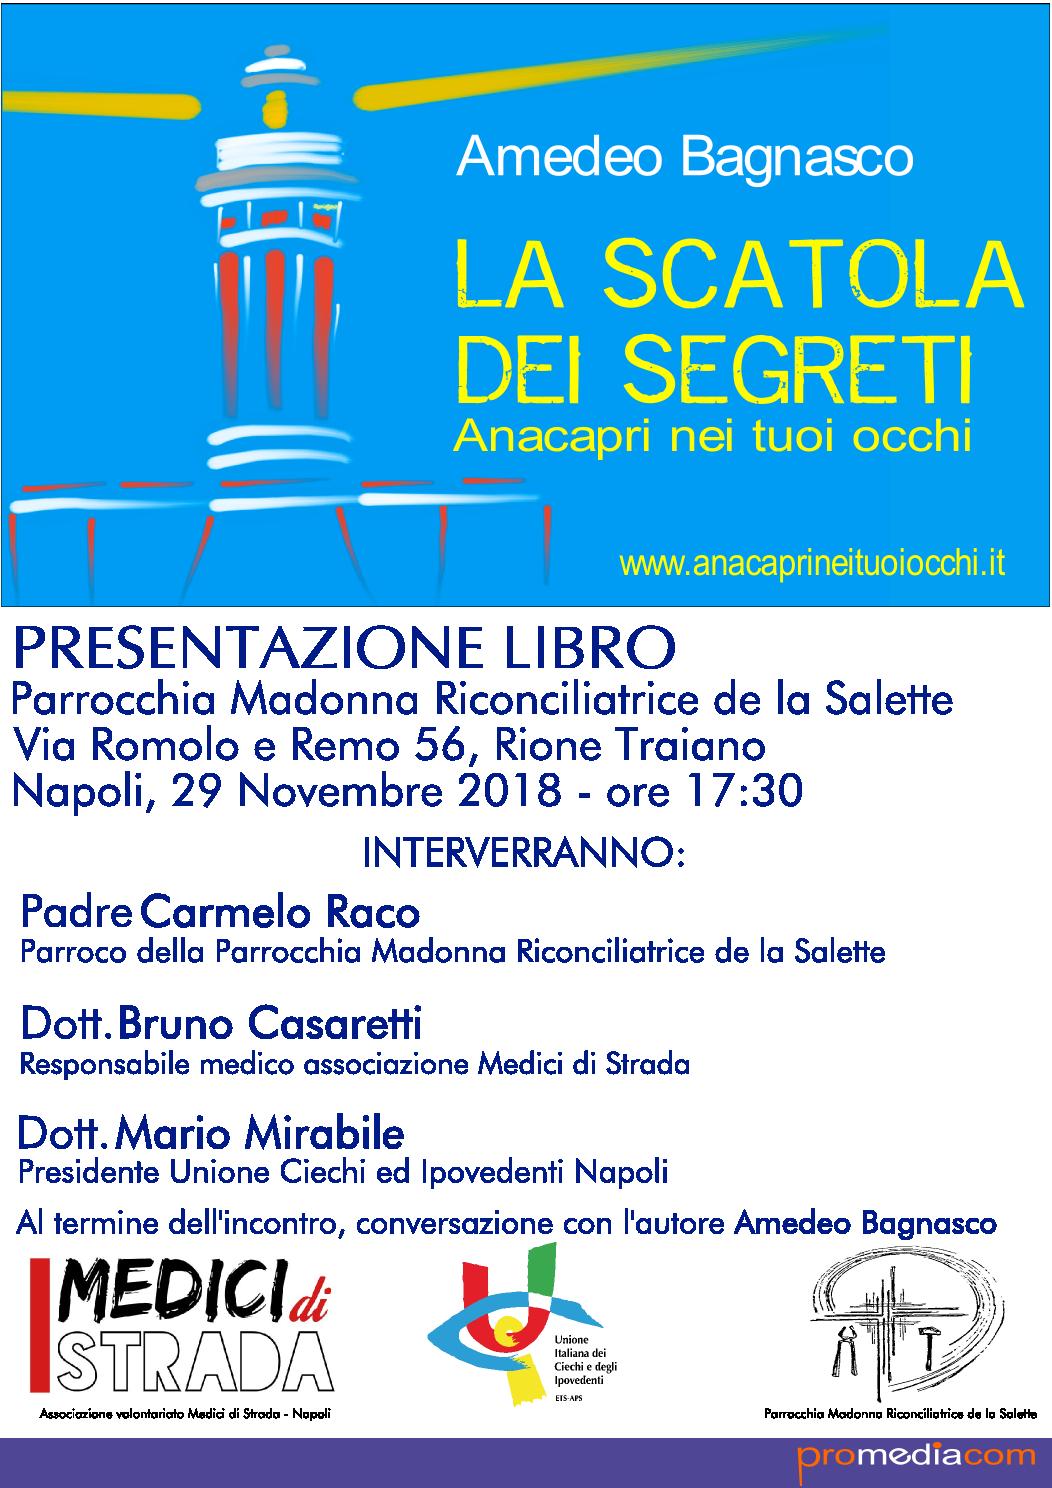 """Da Capri al Rione Traiano di Napoli """"La Scatola dei Segreti"""" di Amedeo Bagnasco, il volume che sostiene l'Unione Italiana dei Ciechi e degli Ipovedenti."""